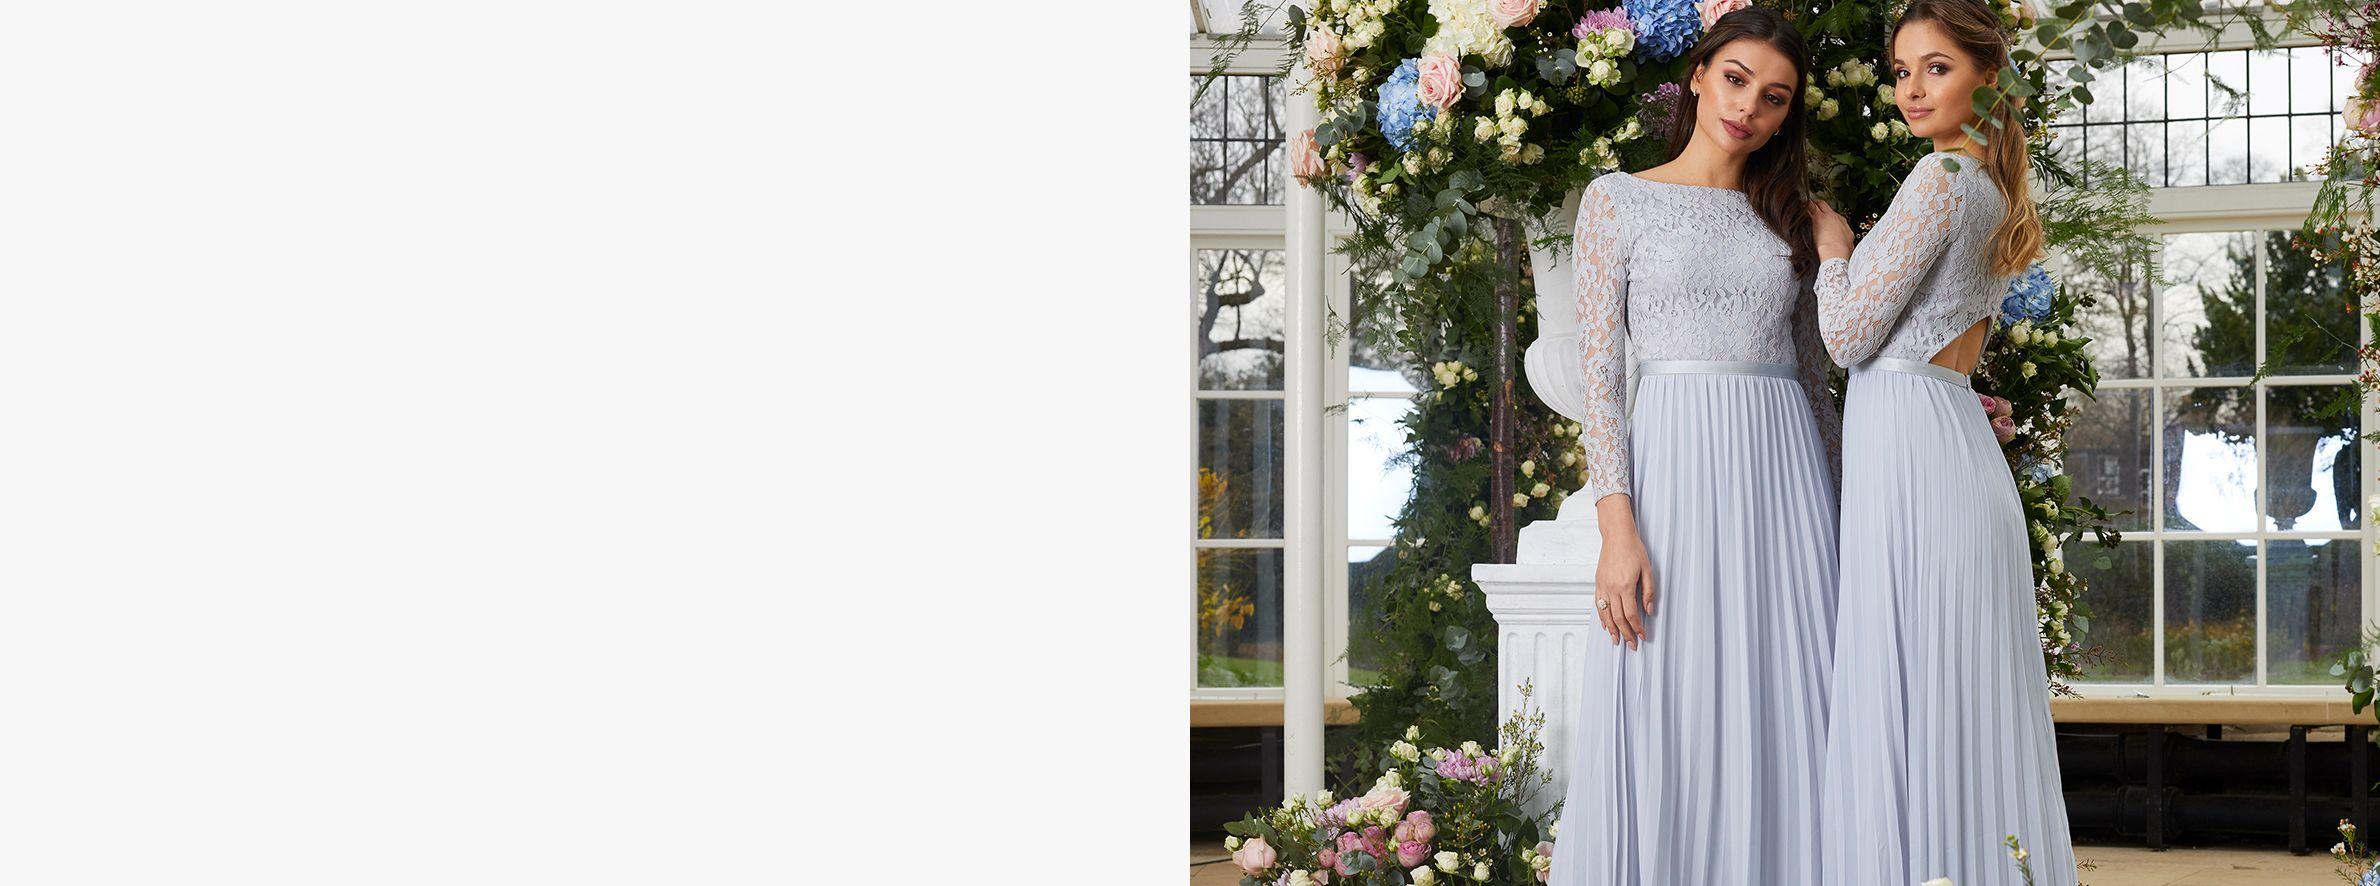 adfe12250fab1 Adult Bridesmaids | John Lewis & Partners